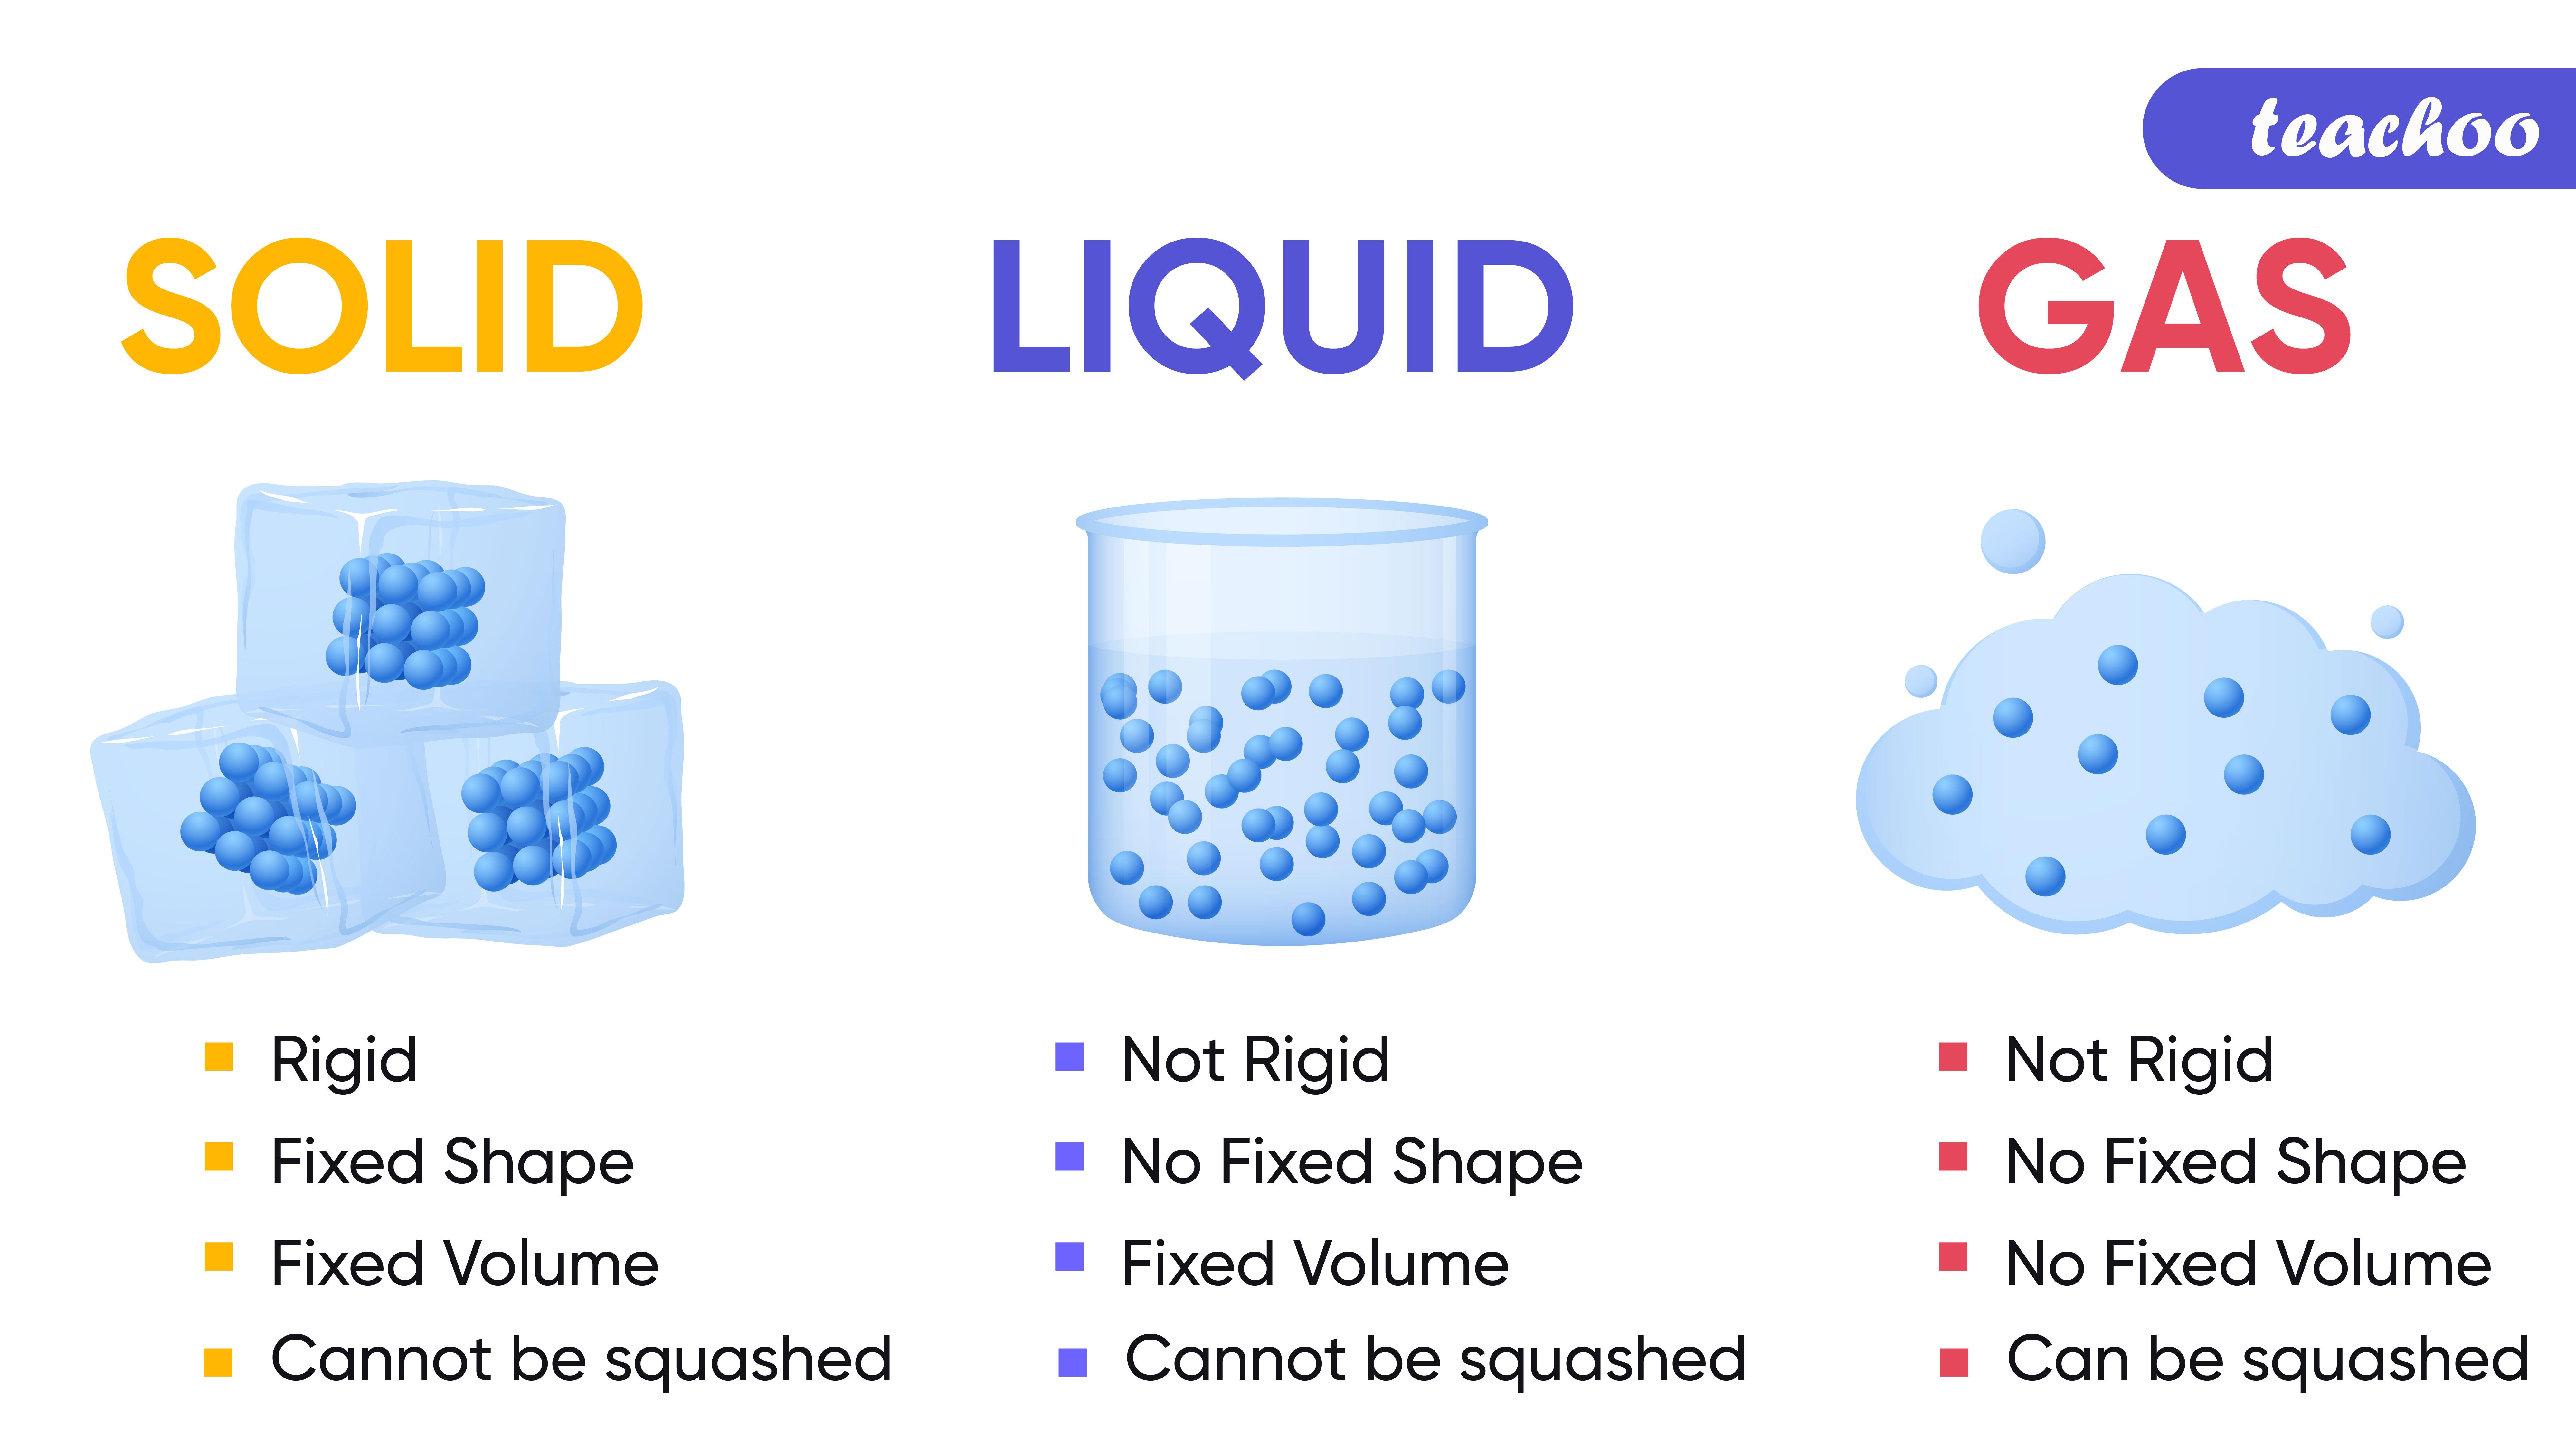 Solid, Liquid and Gas-Teachoo.jpg